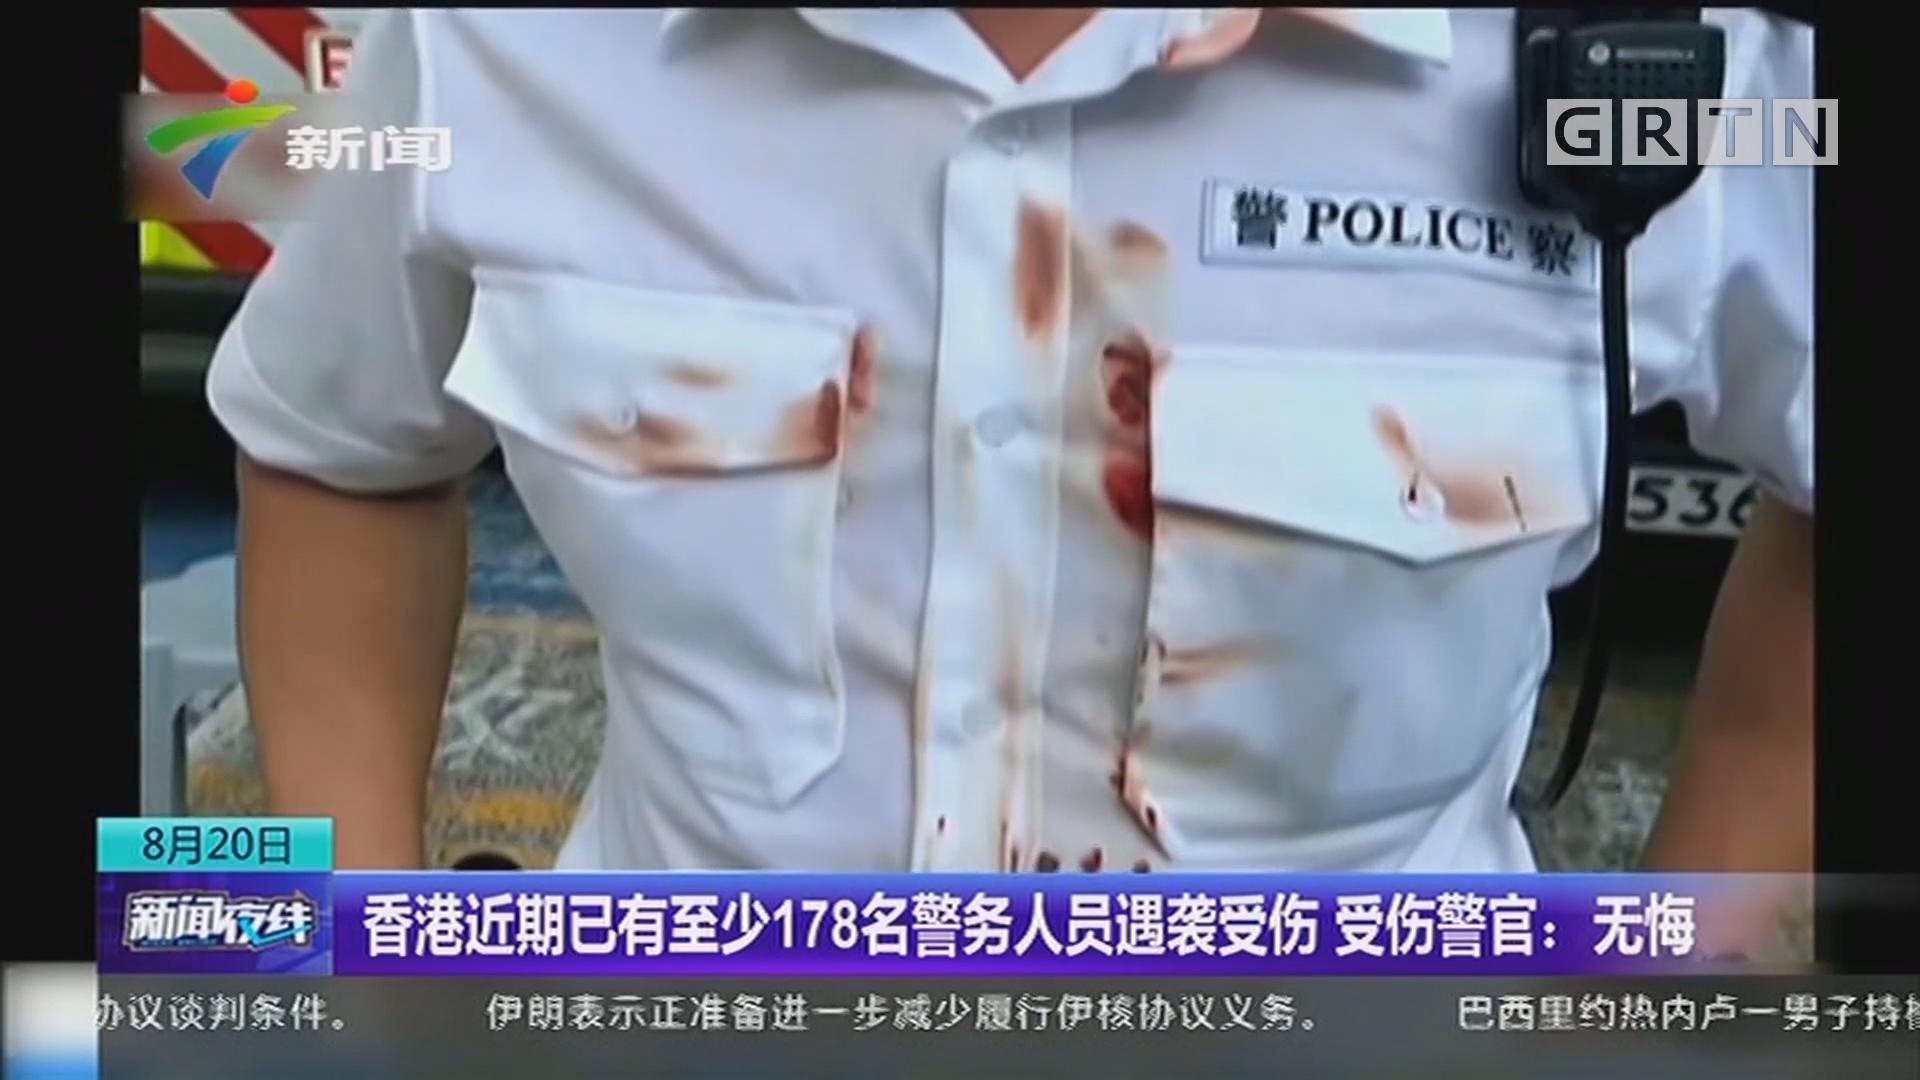 香港近期已有至少178名警务人员遇袭受伤 受伤警官:无悔